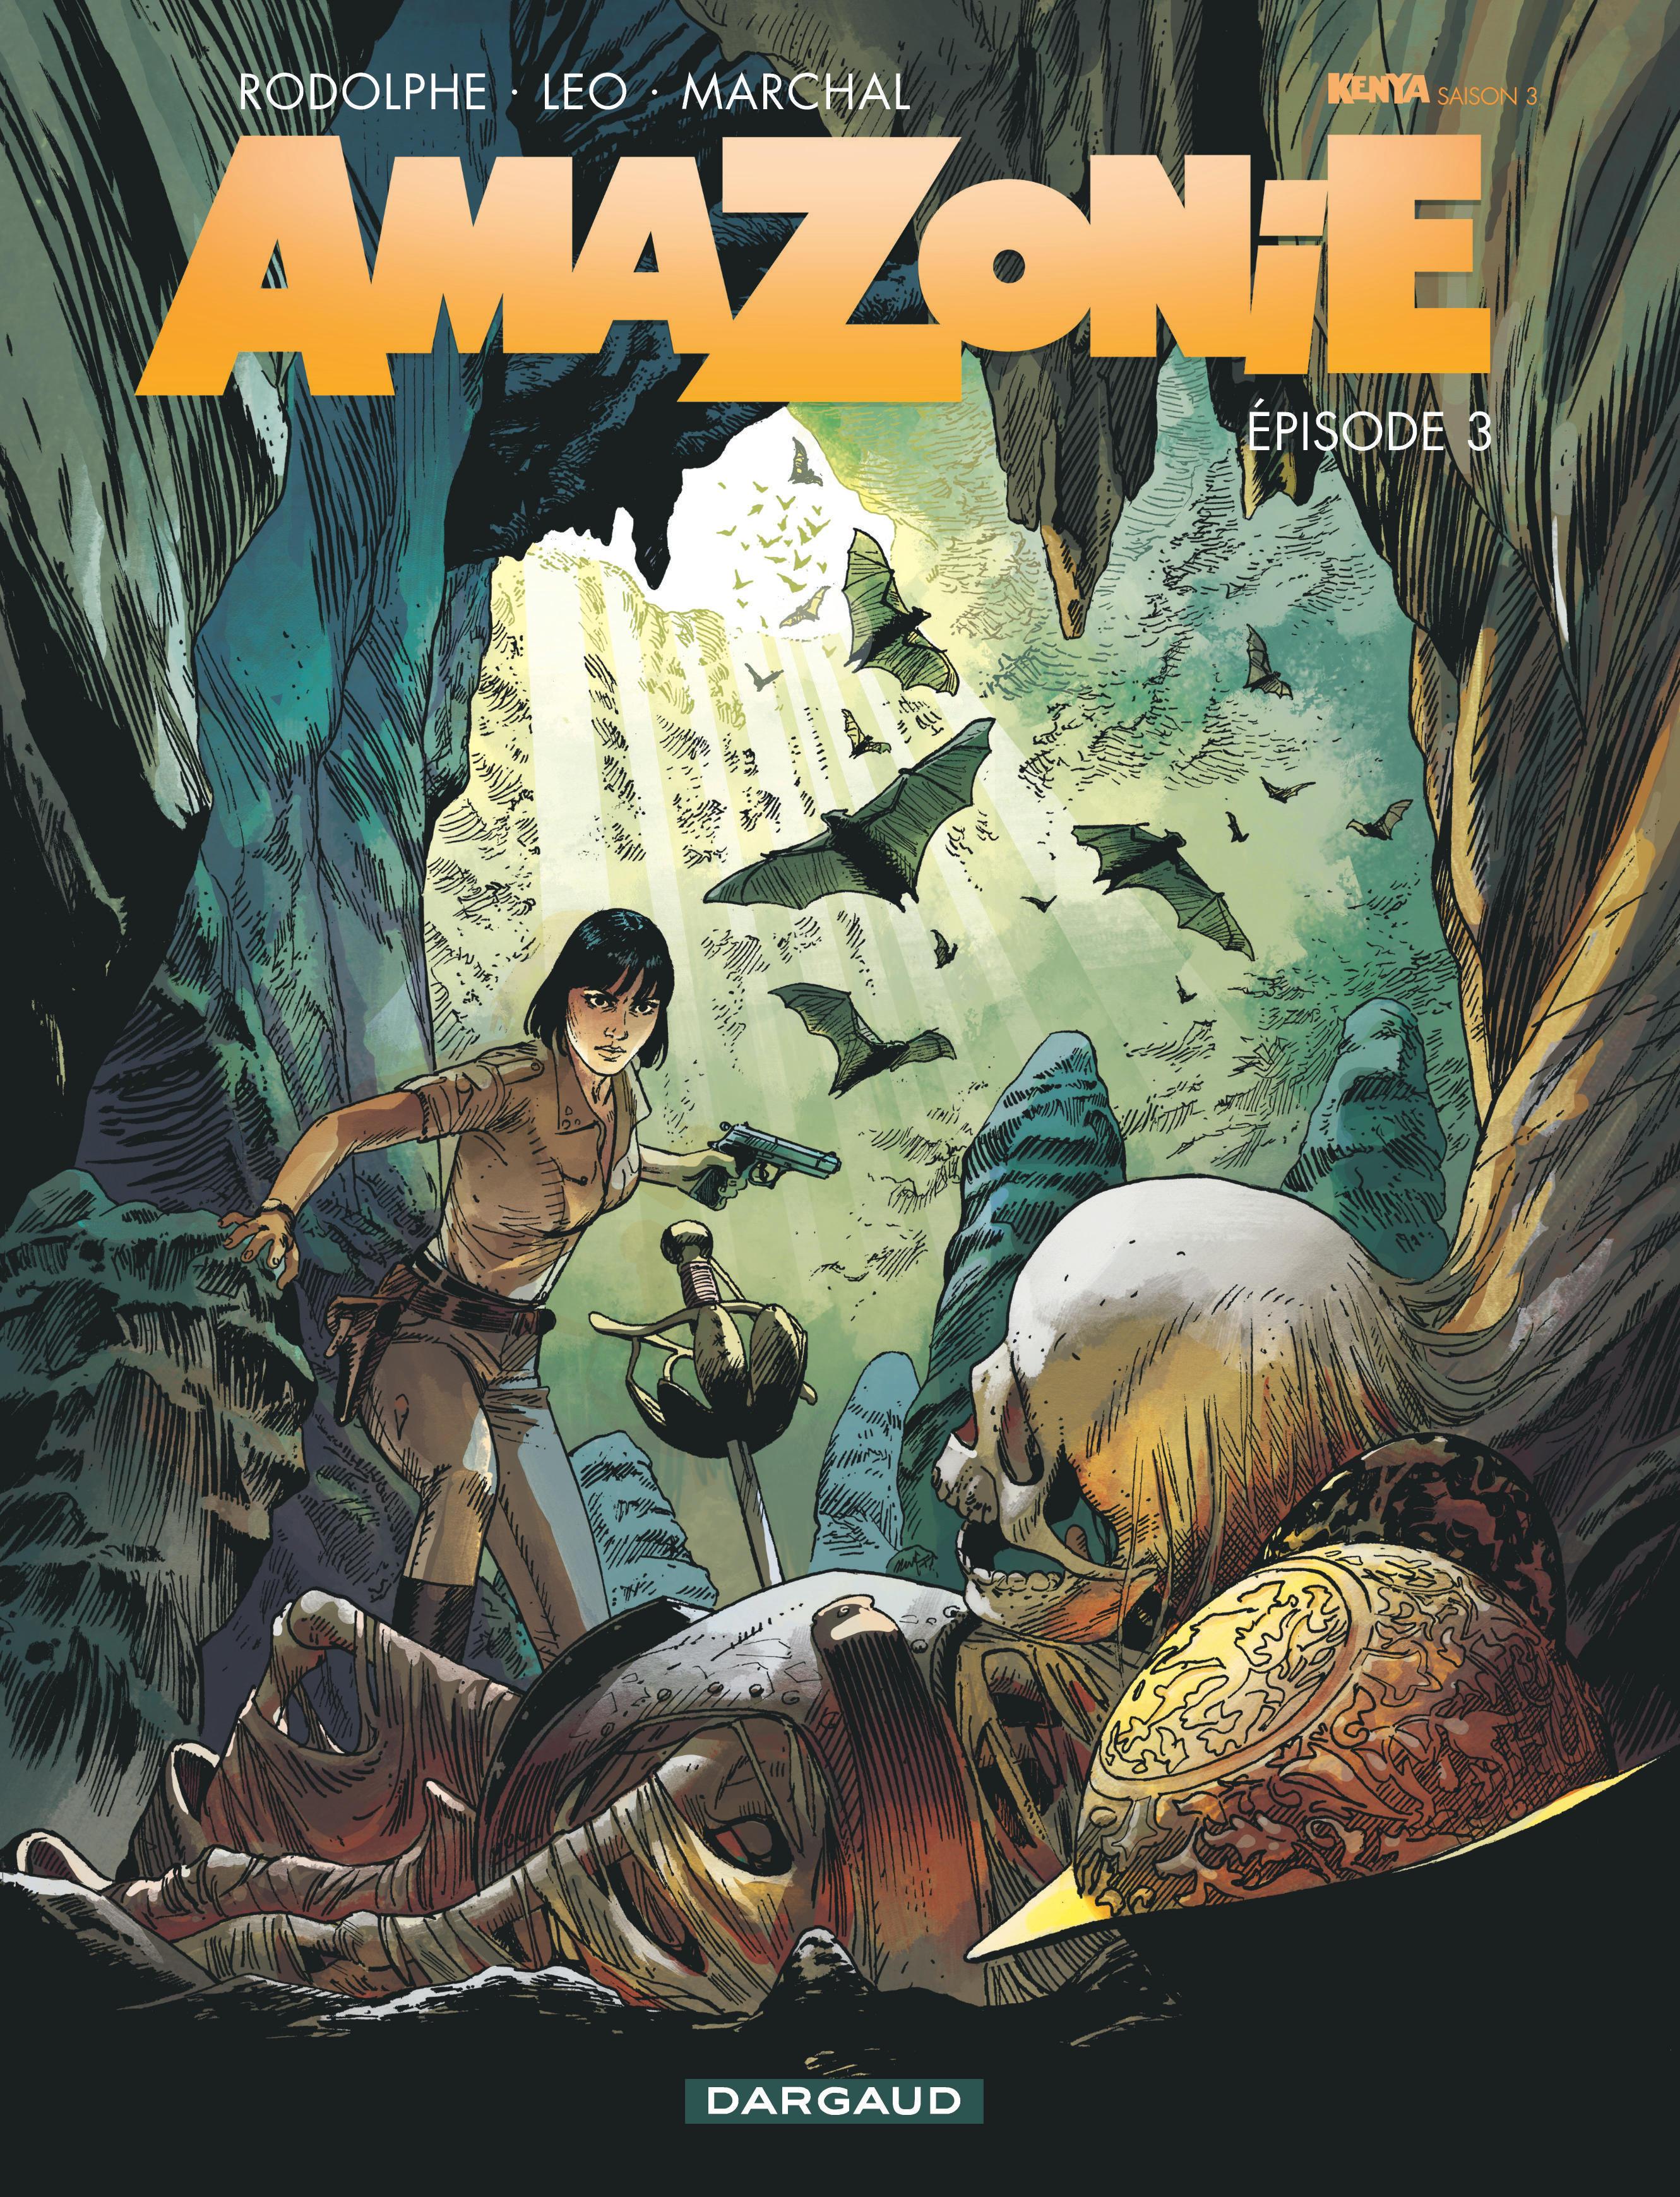 AMAZONIE TOME 3 - AMAZONIE - TOME 3